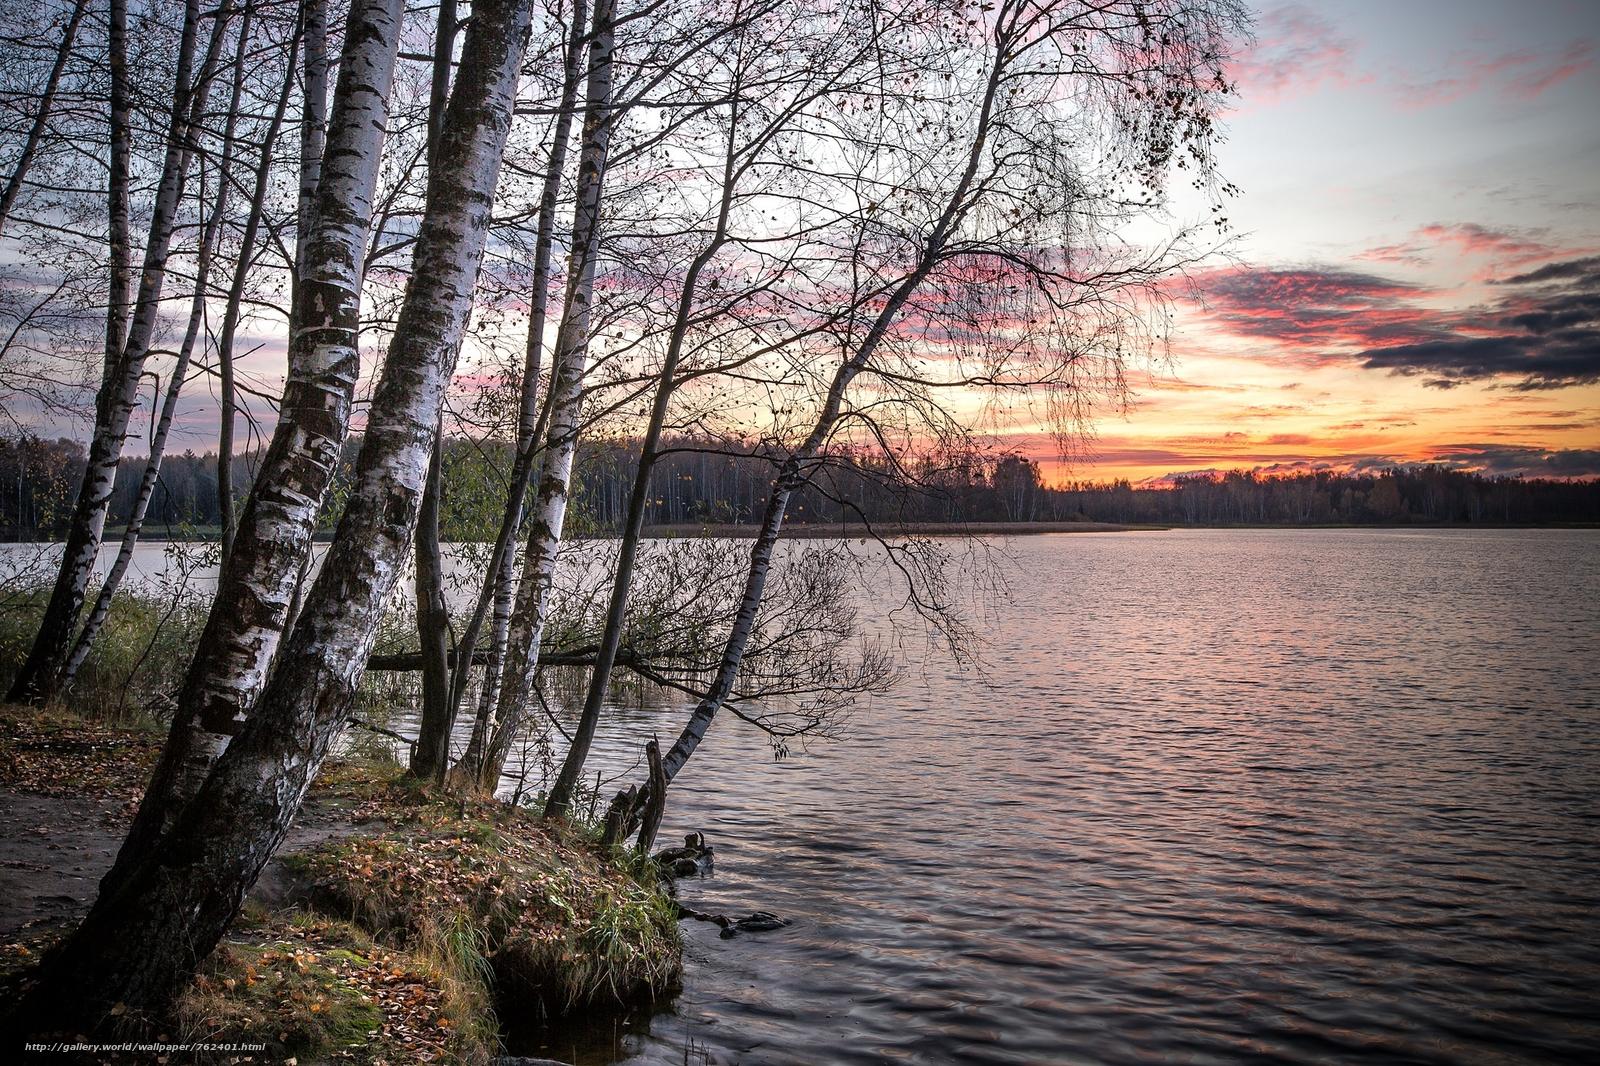 On the shore of Lake Uchinsky, Moscow region, Russia, autumn, sunset, Uchi lake, landscape